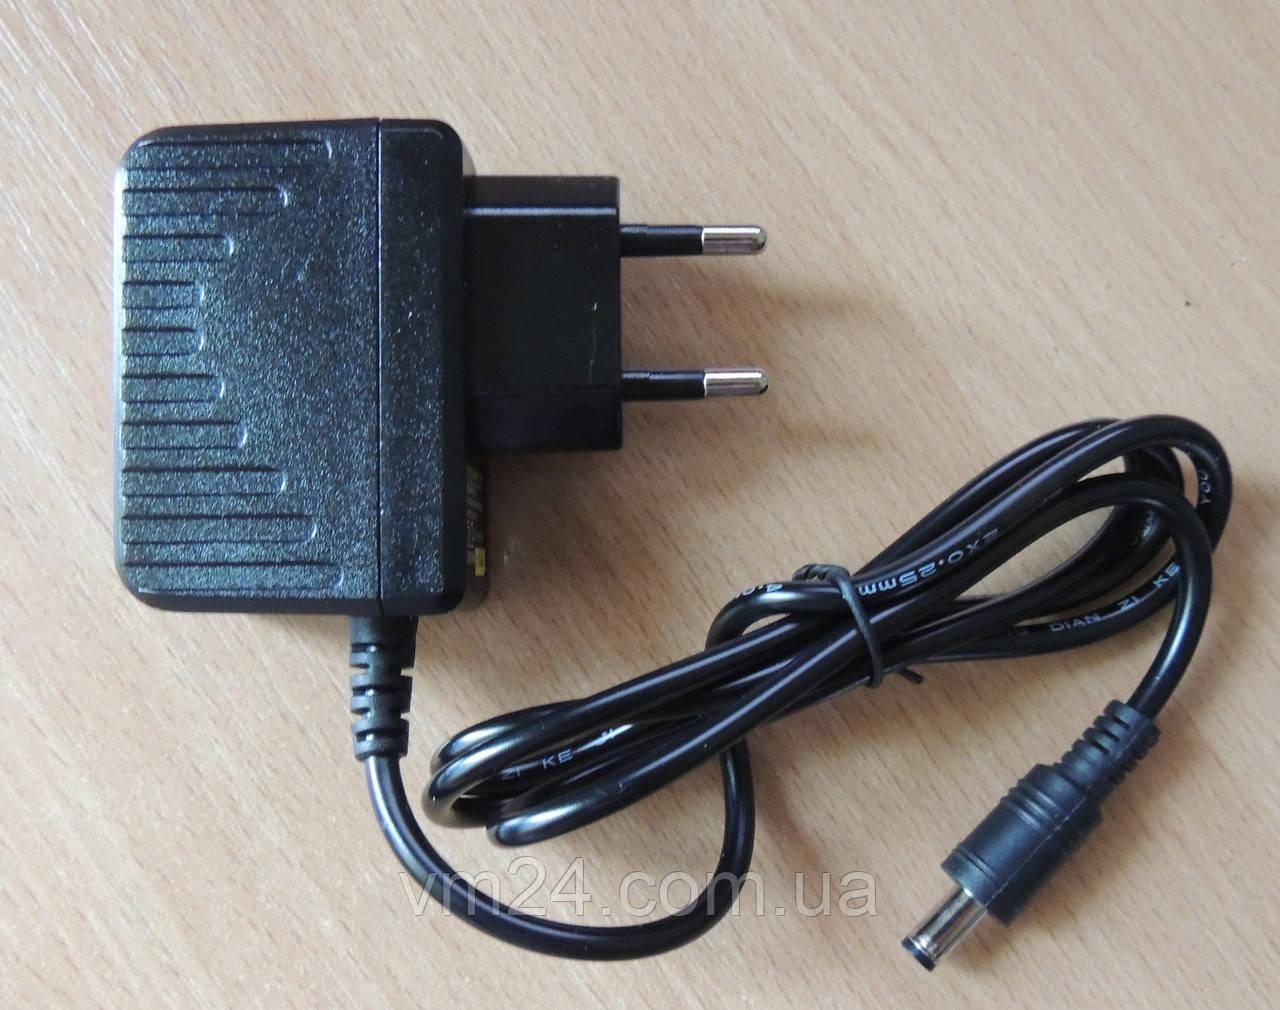 Блок питания, сетевой адаптер 12В 1А (5,5-2,5 штекер )